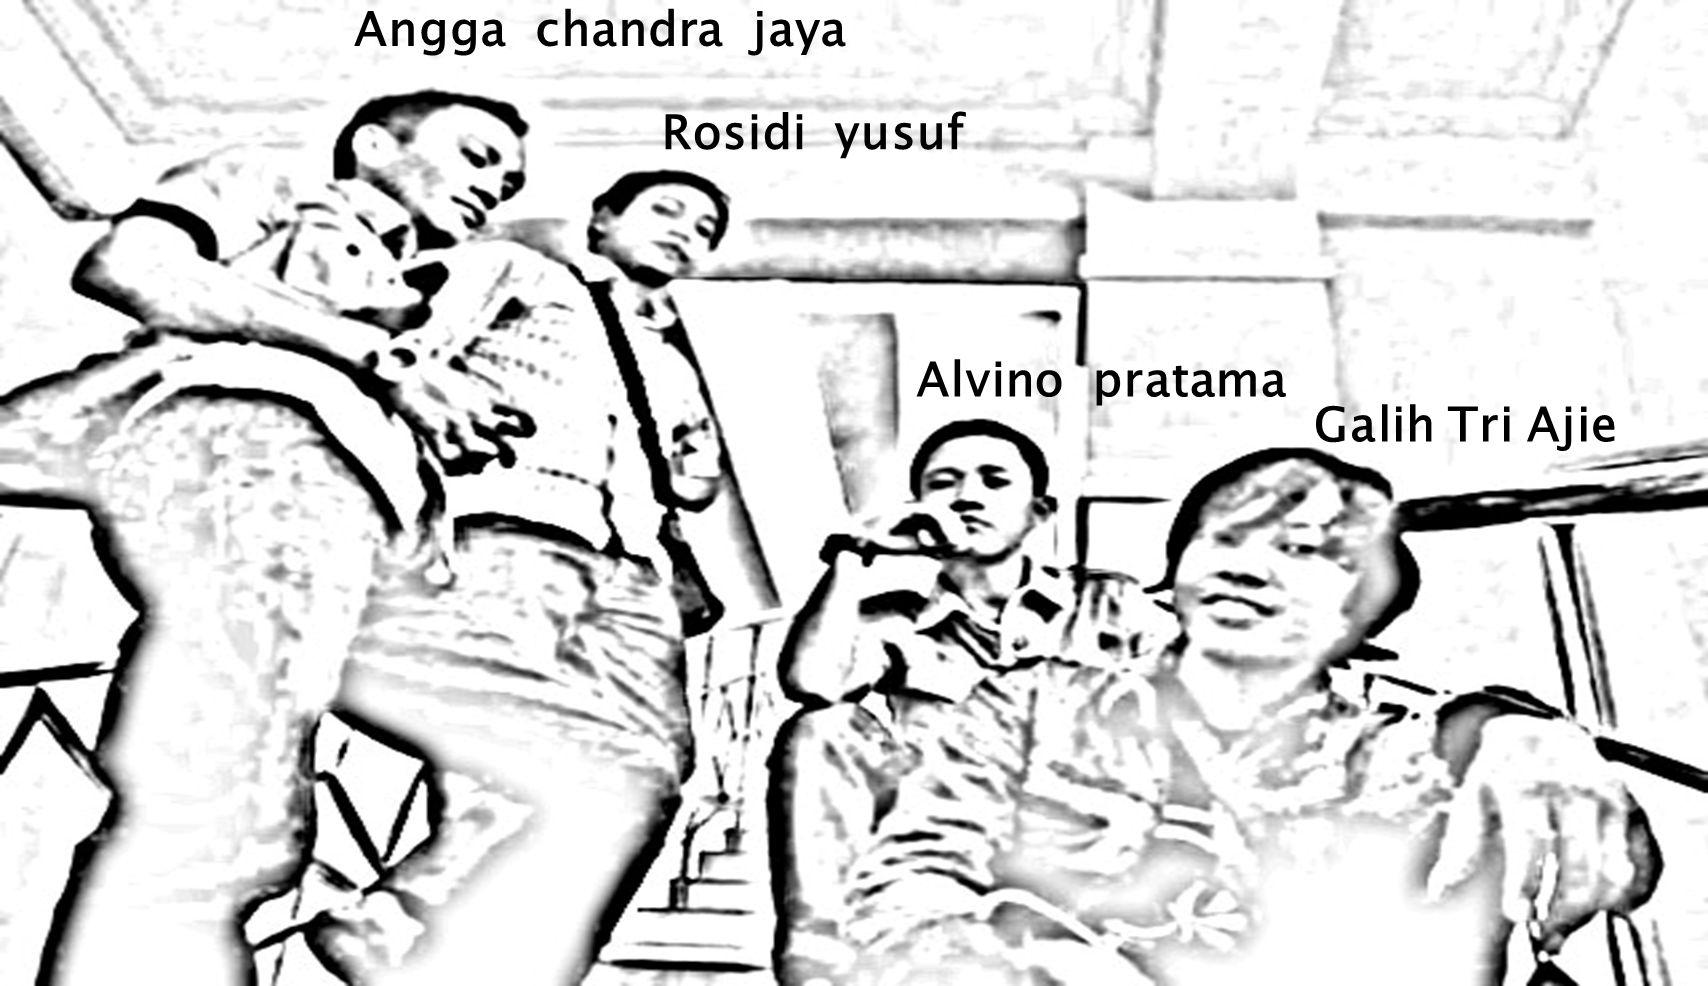 PRESENTASI KEWIRAUSAHAAN Rosidi yusuf Alvino pratama Angga chandra jaya Galih Tri Ajie